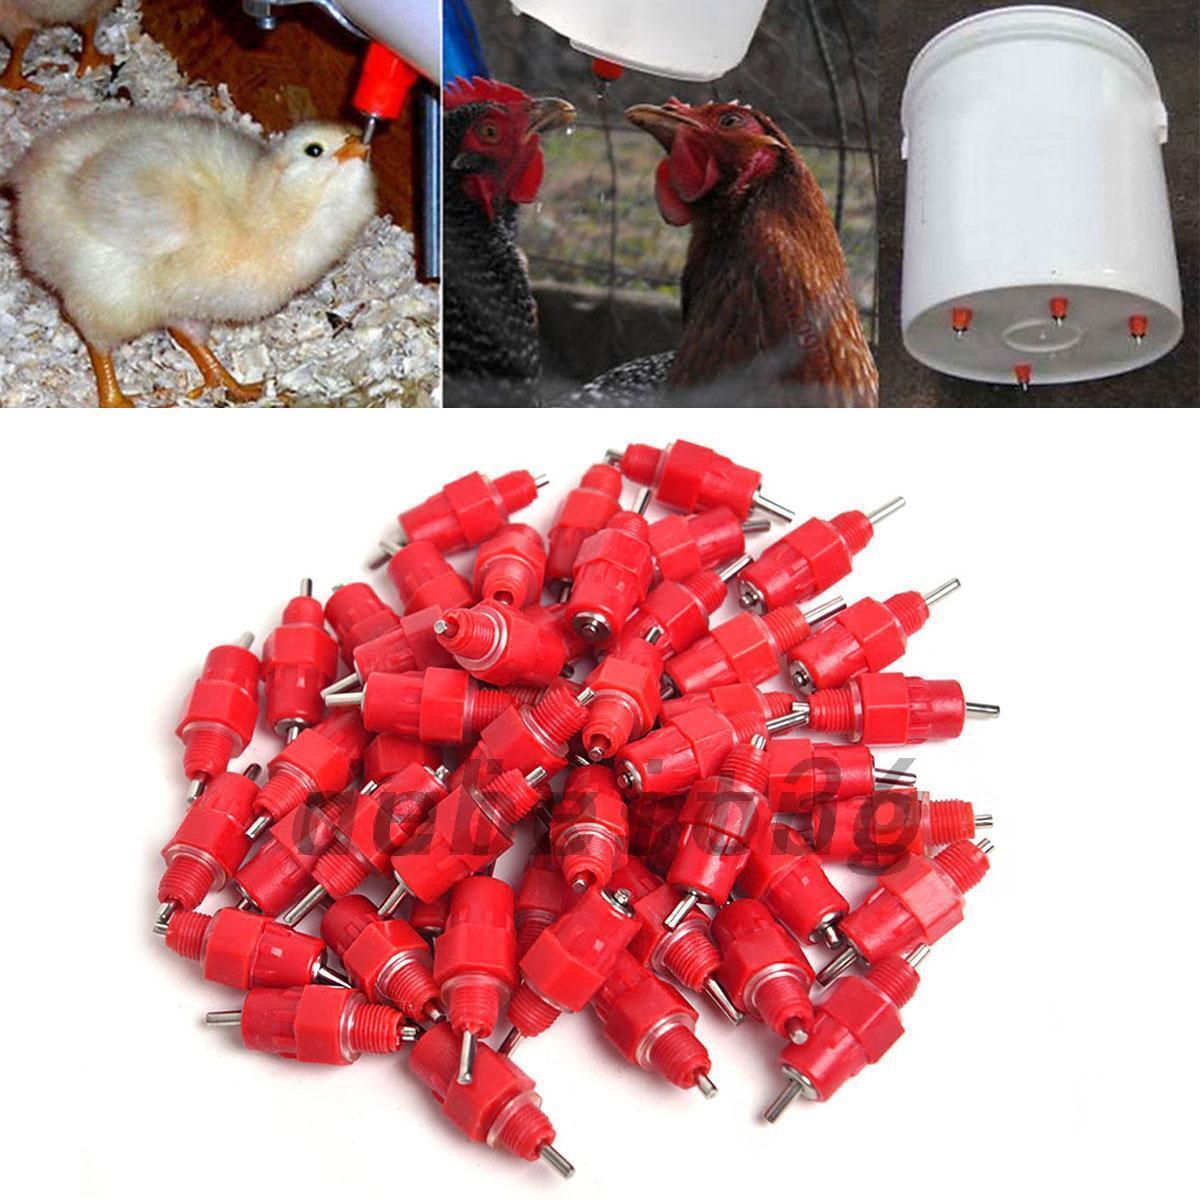 0080 Automatic Chicken Duck Screw In Poultry Water Nipple Drinker Garden New